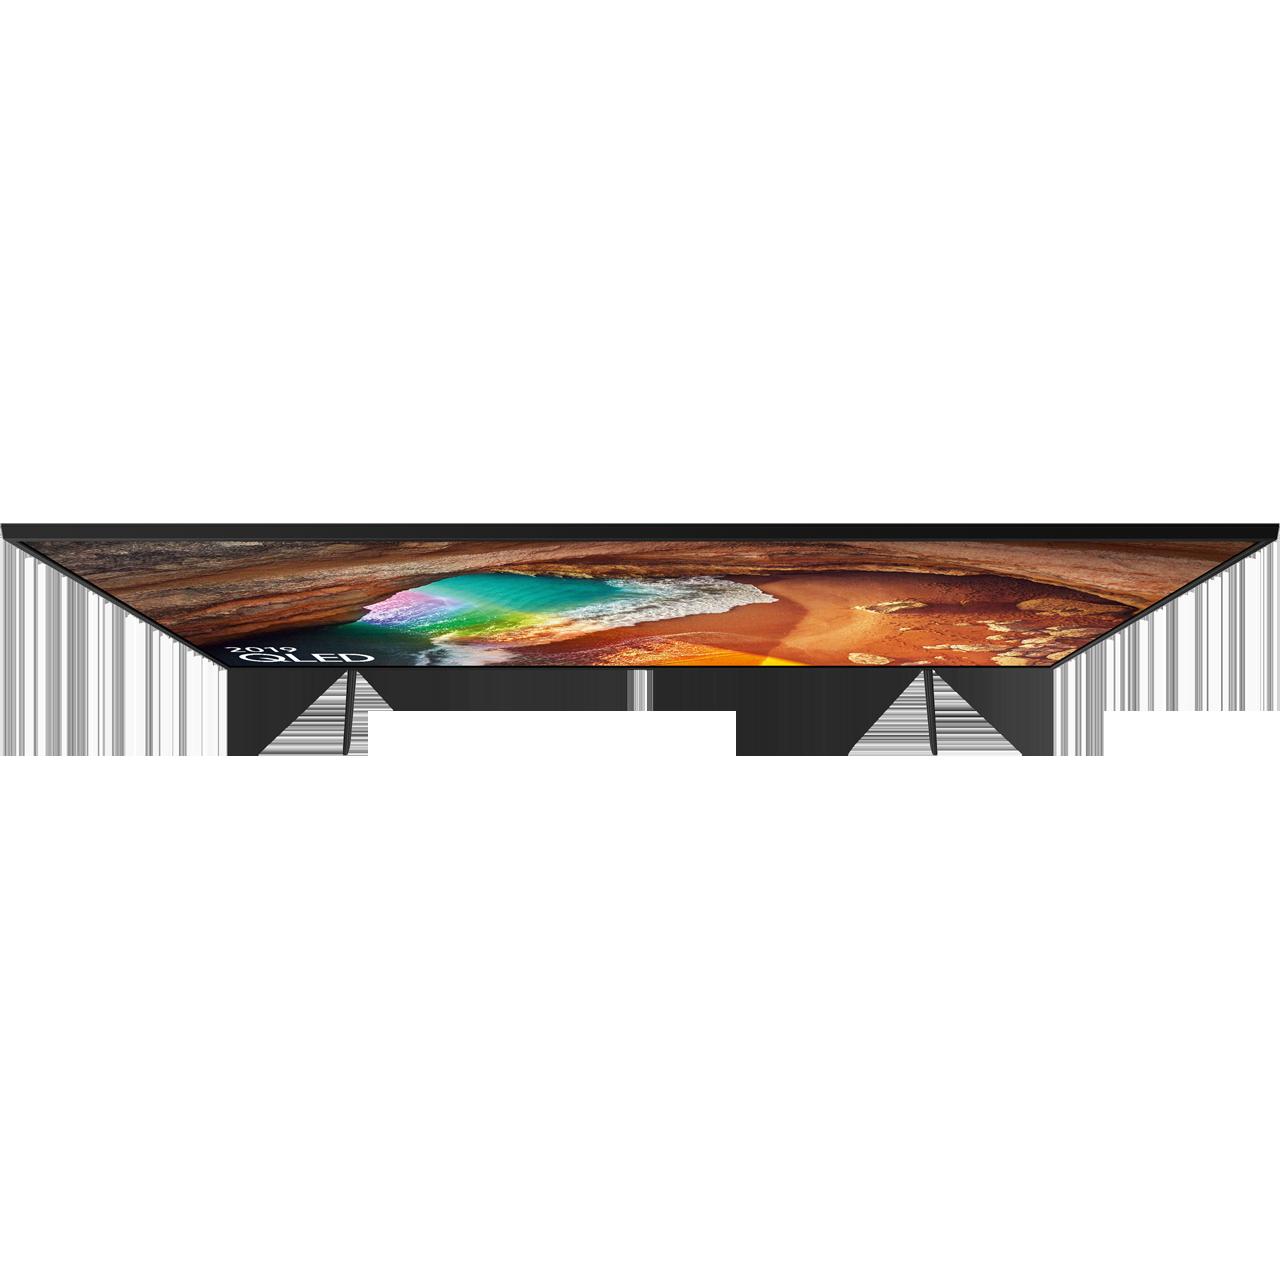 Samsung QLED QE49Q60RA 49